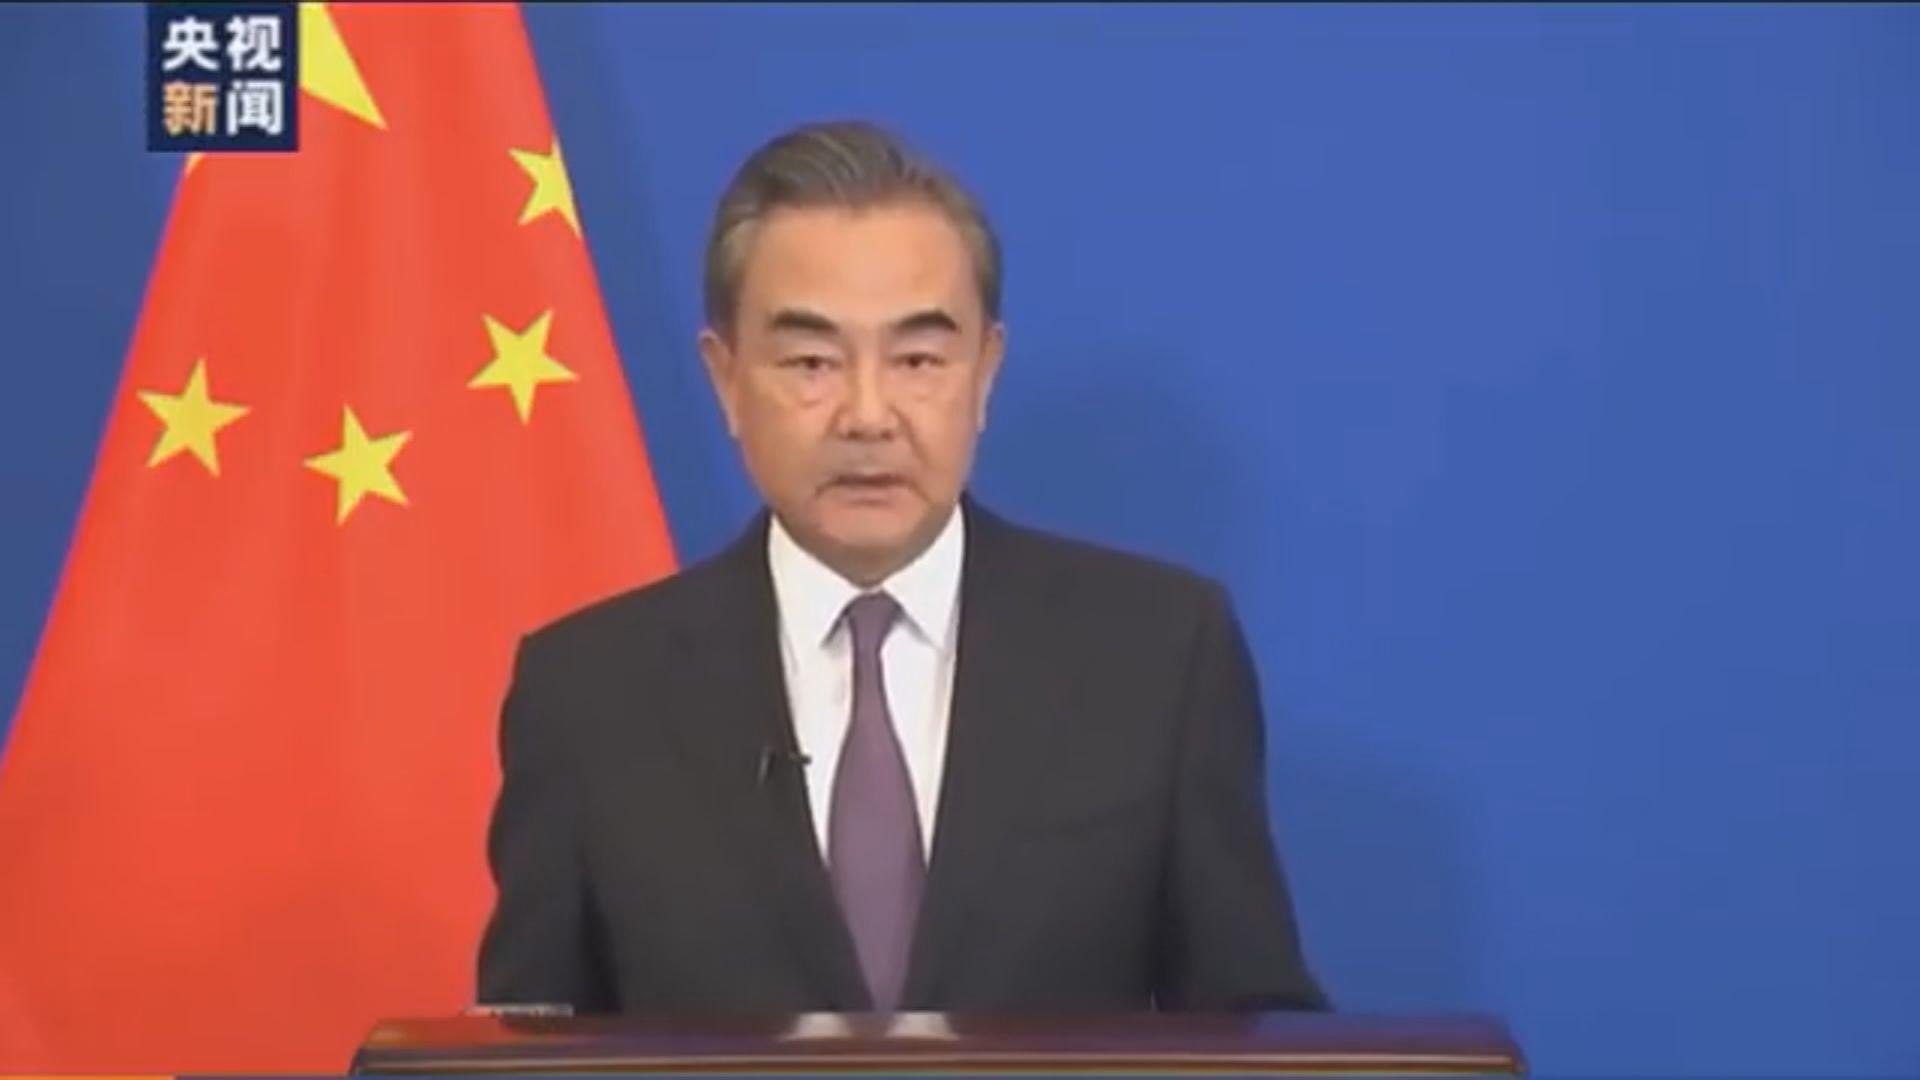 王毅:中美關係面臨建交以來最嚴重挑戰